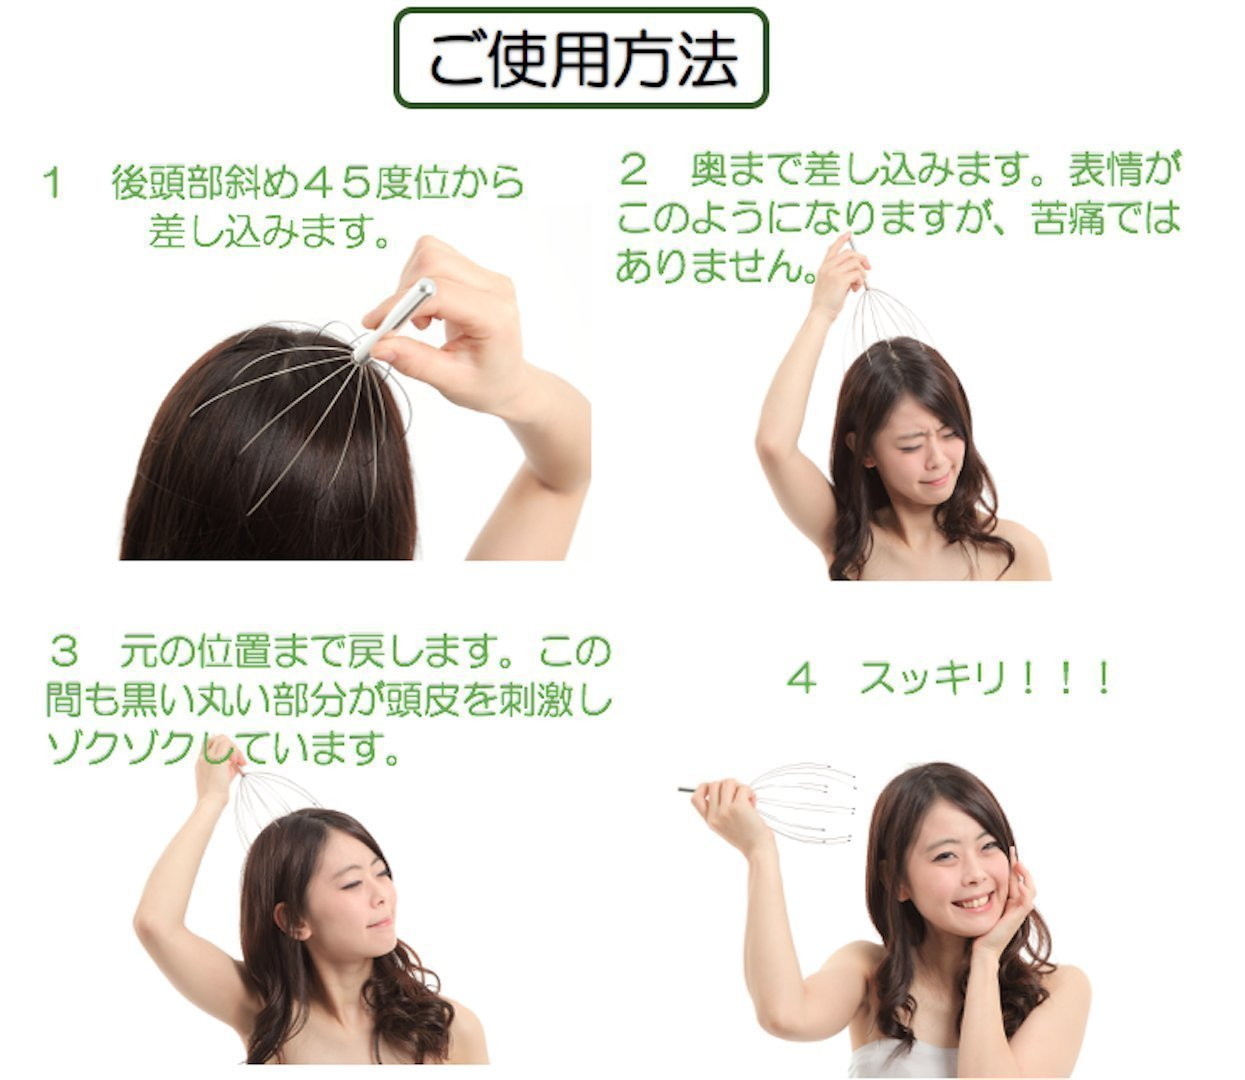 頭皮ゾクゾク快感 頭スッキリ ひんやり ヘッドスパワイヤー メタルシャワー フォトフレーム用台紙セット01